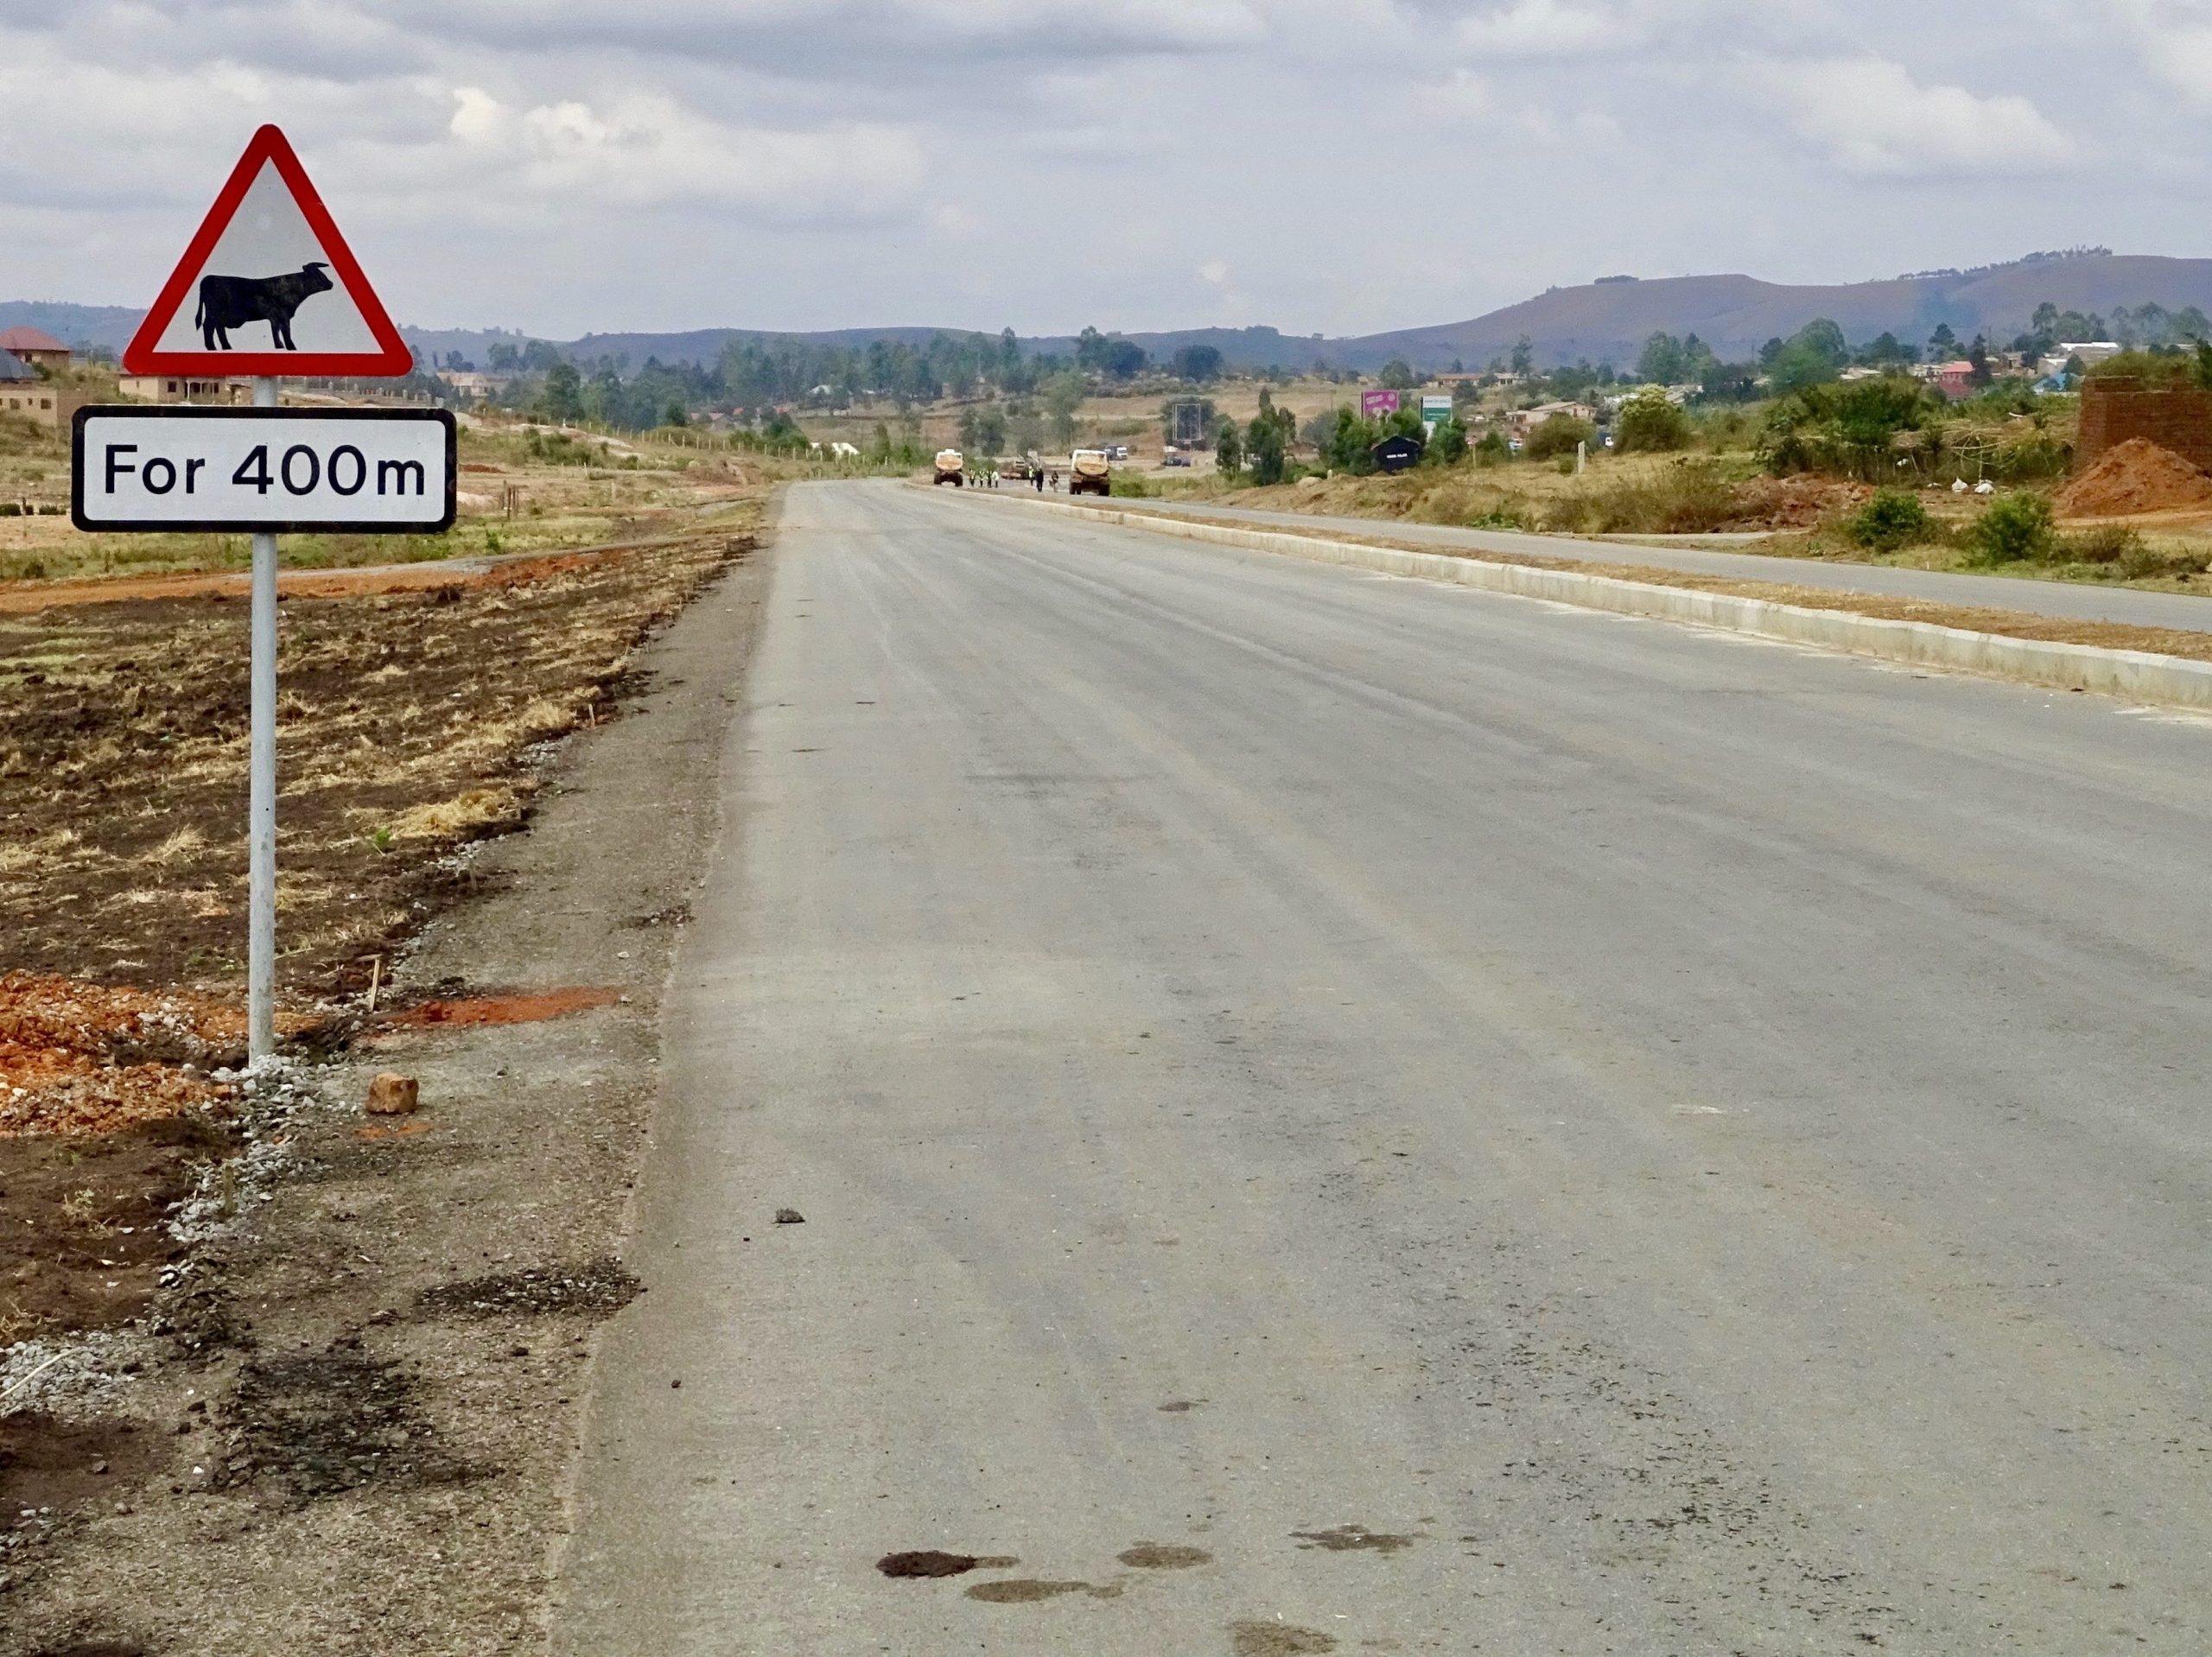 De gloednieuwe bypass road in Mbarara